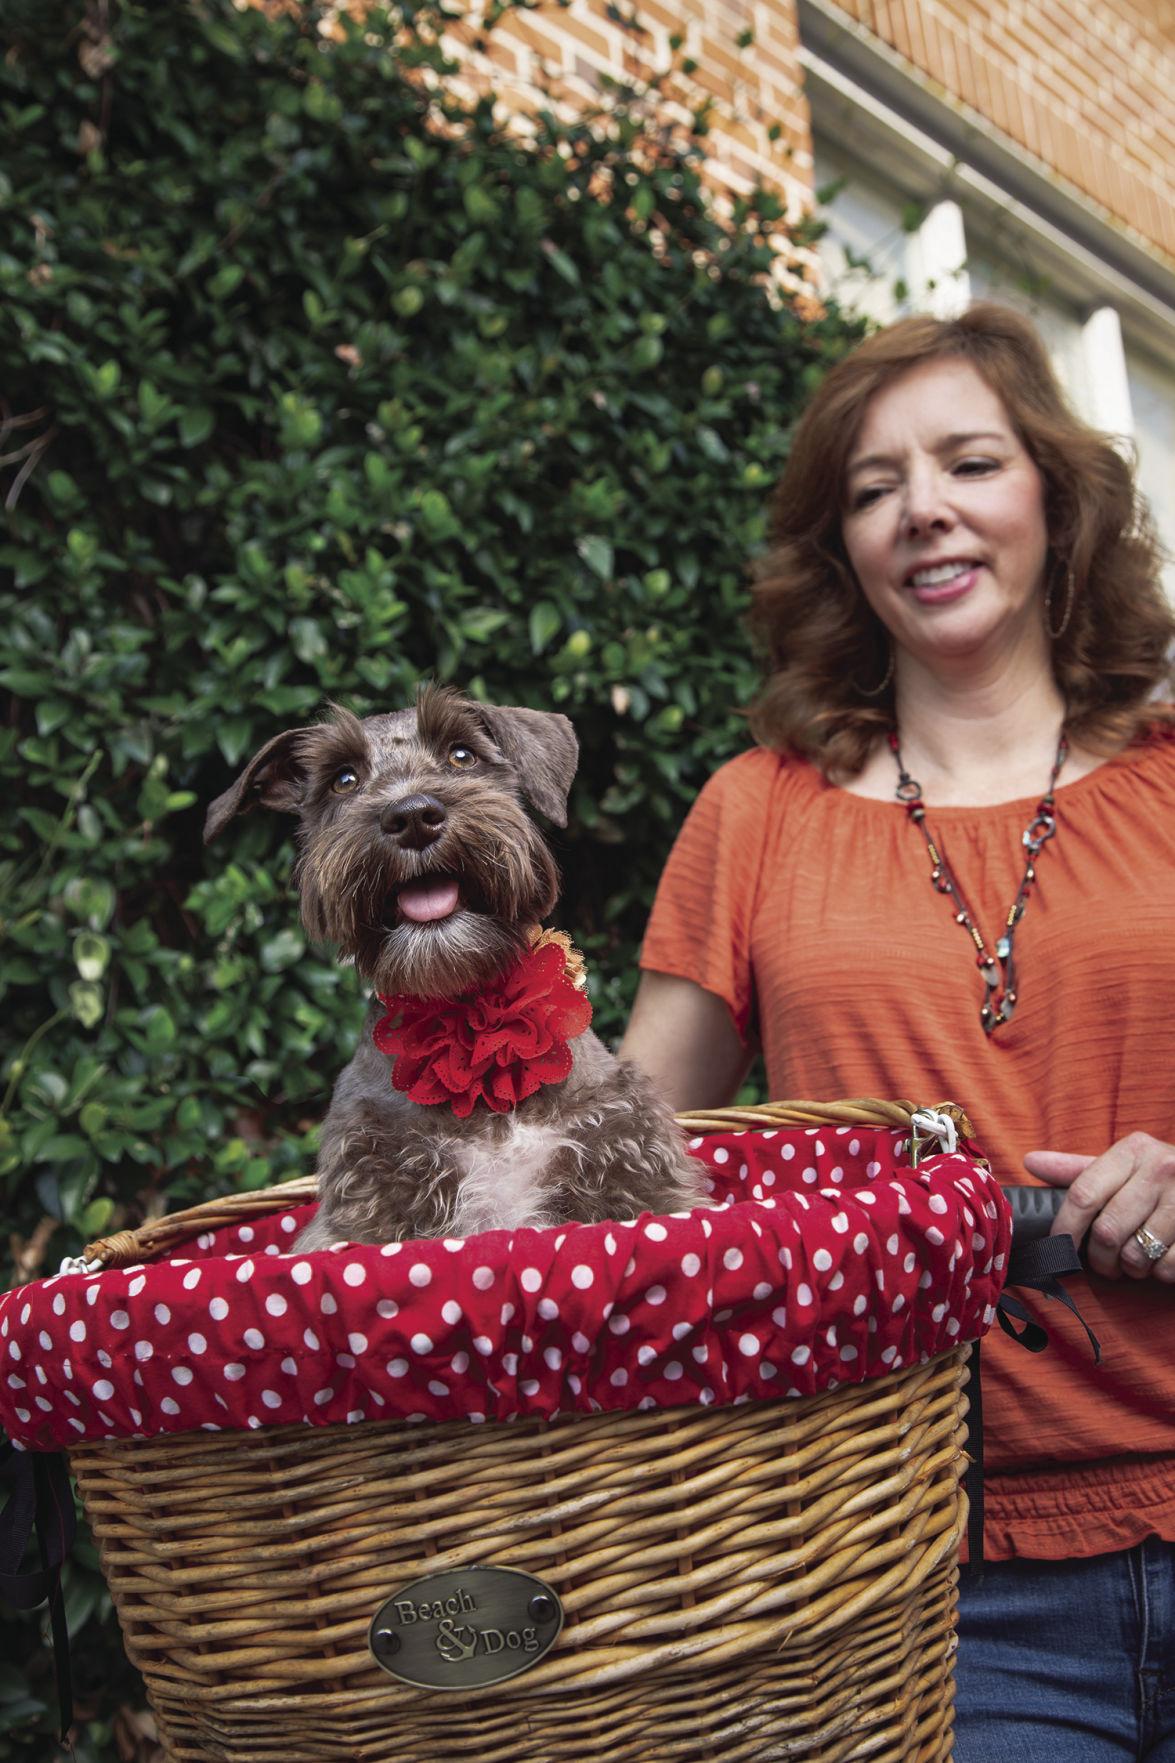 Penny in Basket_CMYK.jpg